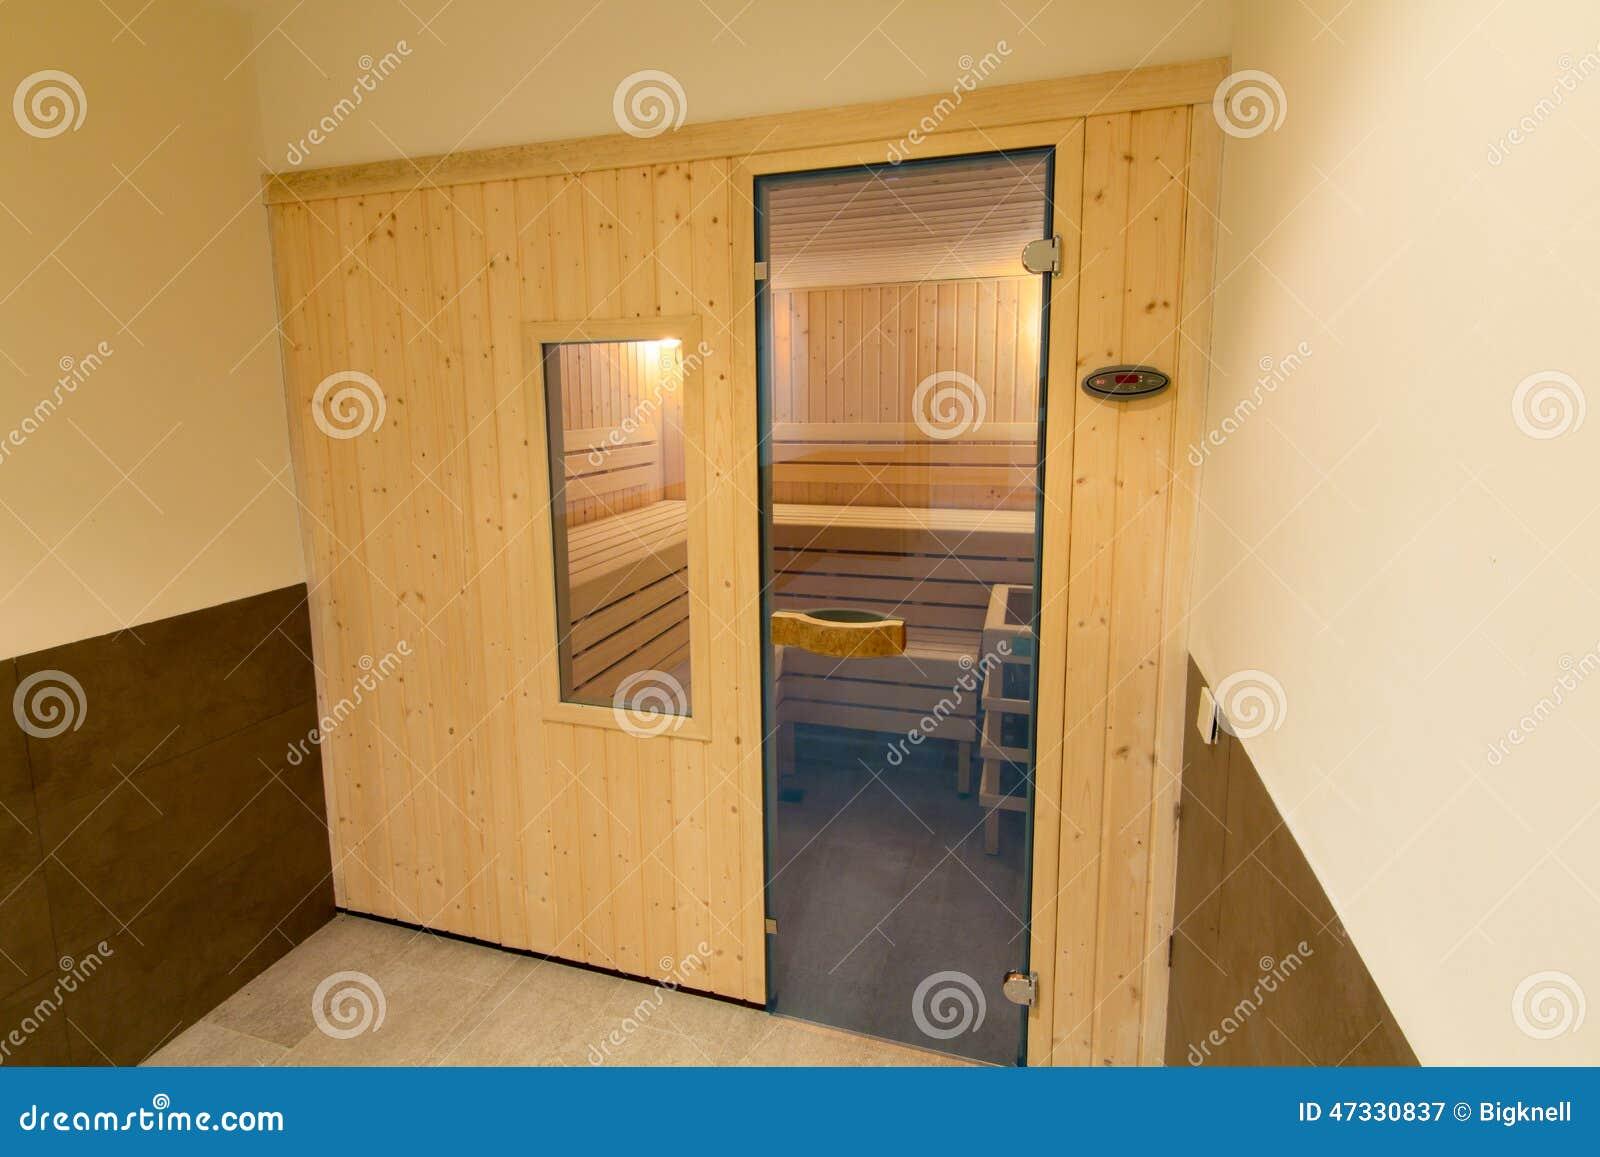 Wooden Sauna With Glass Door Stock Image - Image of shower, sauna ...